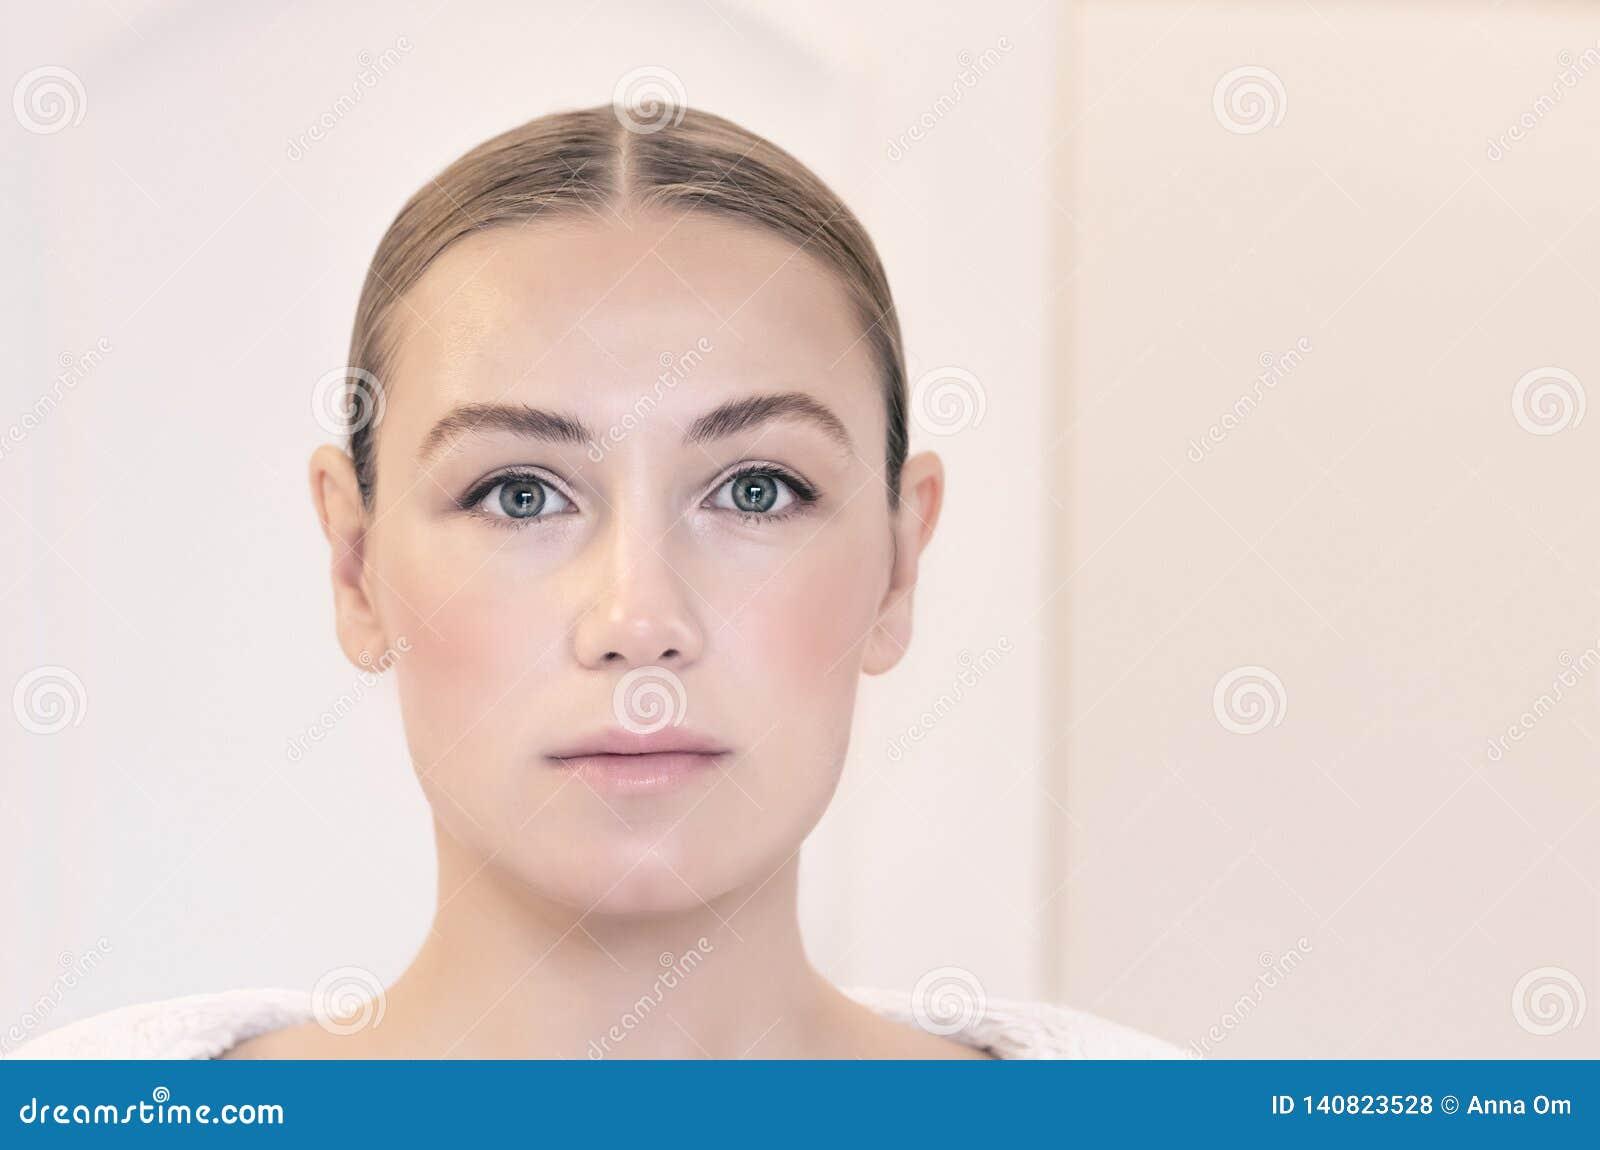 Authentic woman portrait